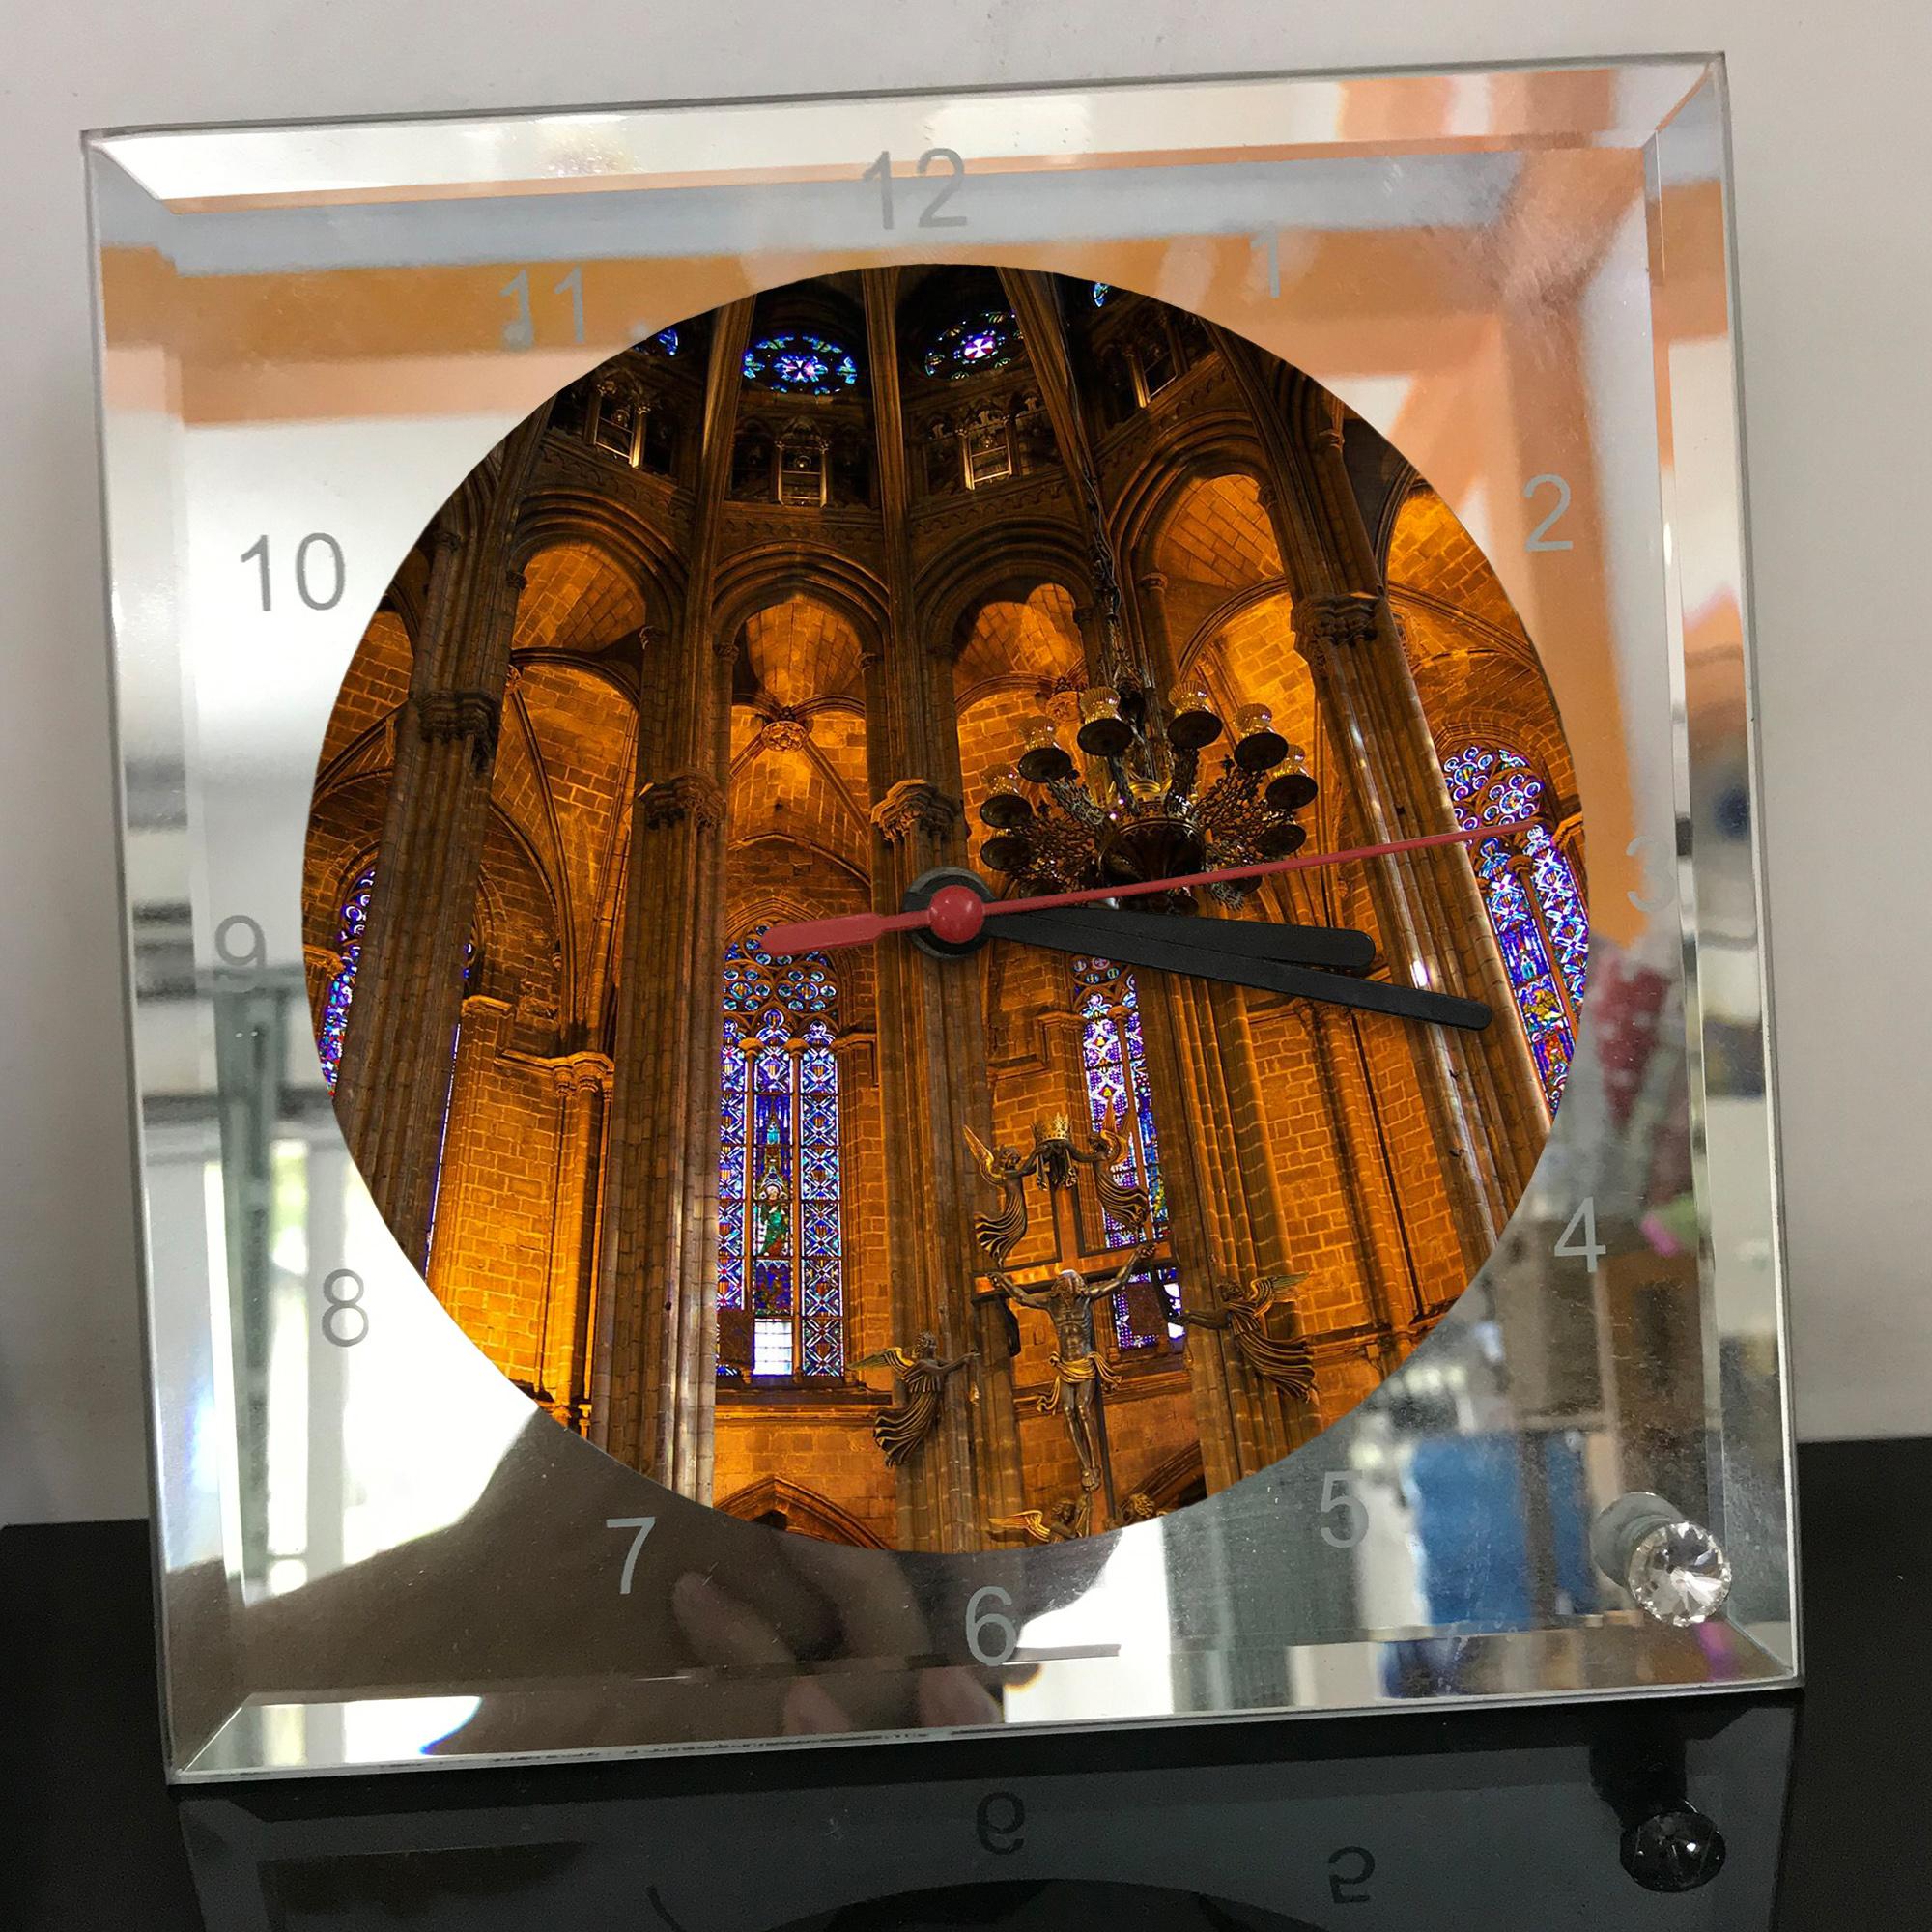 Đồng hồ thủy tinh vuông 20x20 in hình Cathedral - nhà thờ chính tòa (29) . Đồng hồ thủy tinh để bàn trang trí đẹp chủ đề tôn giáo